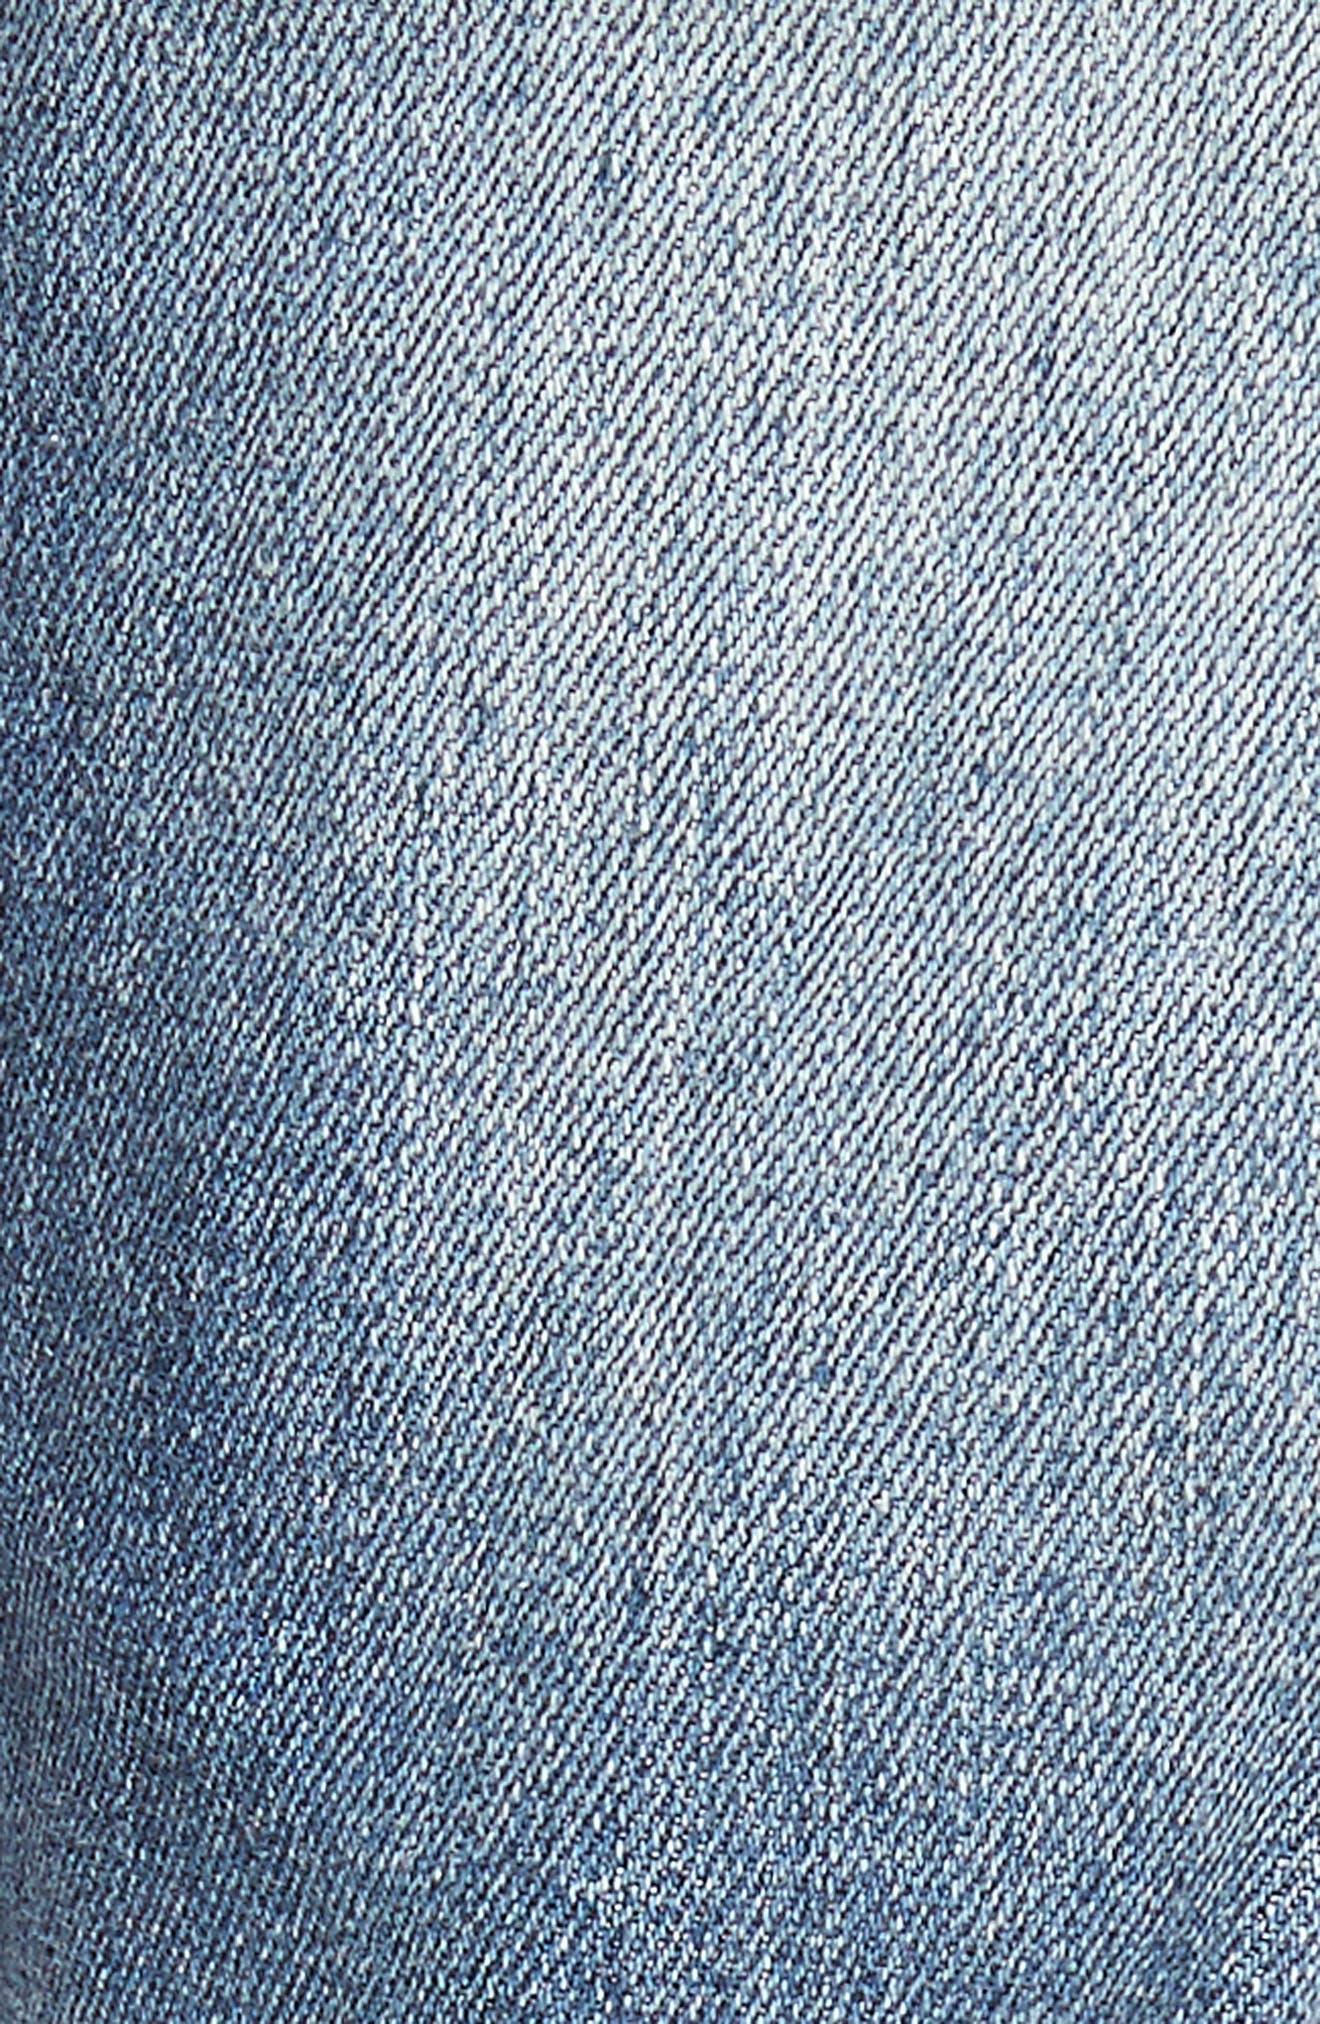 B.Line Slim Fit Jeans,                             Alternate thumbnail 5, color,                             Blow Out Stonewash